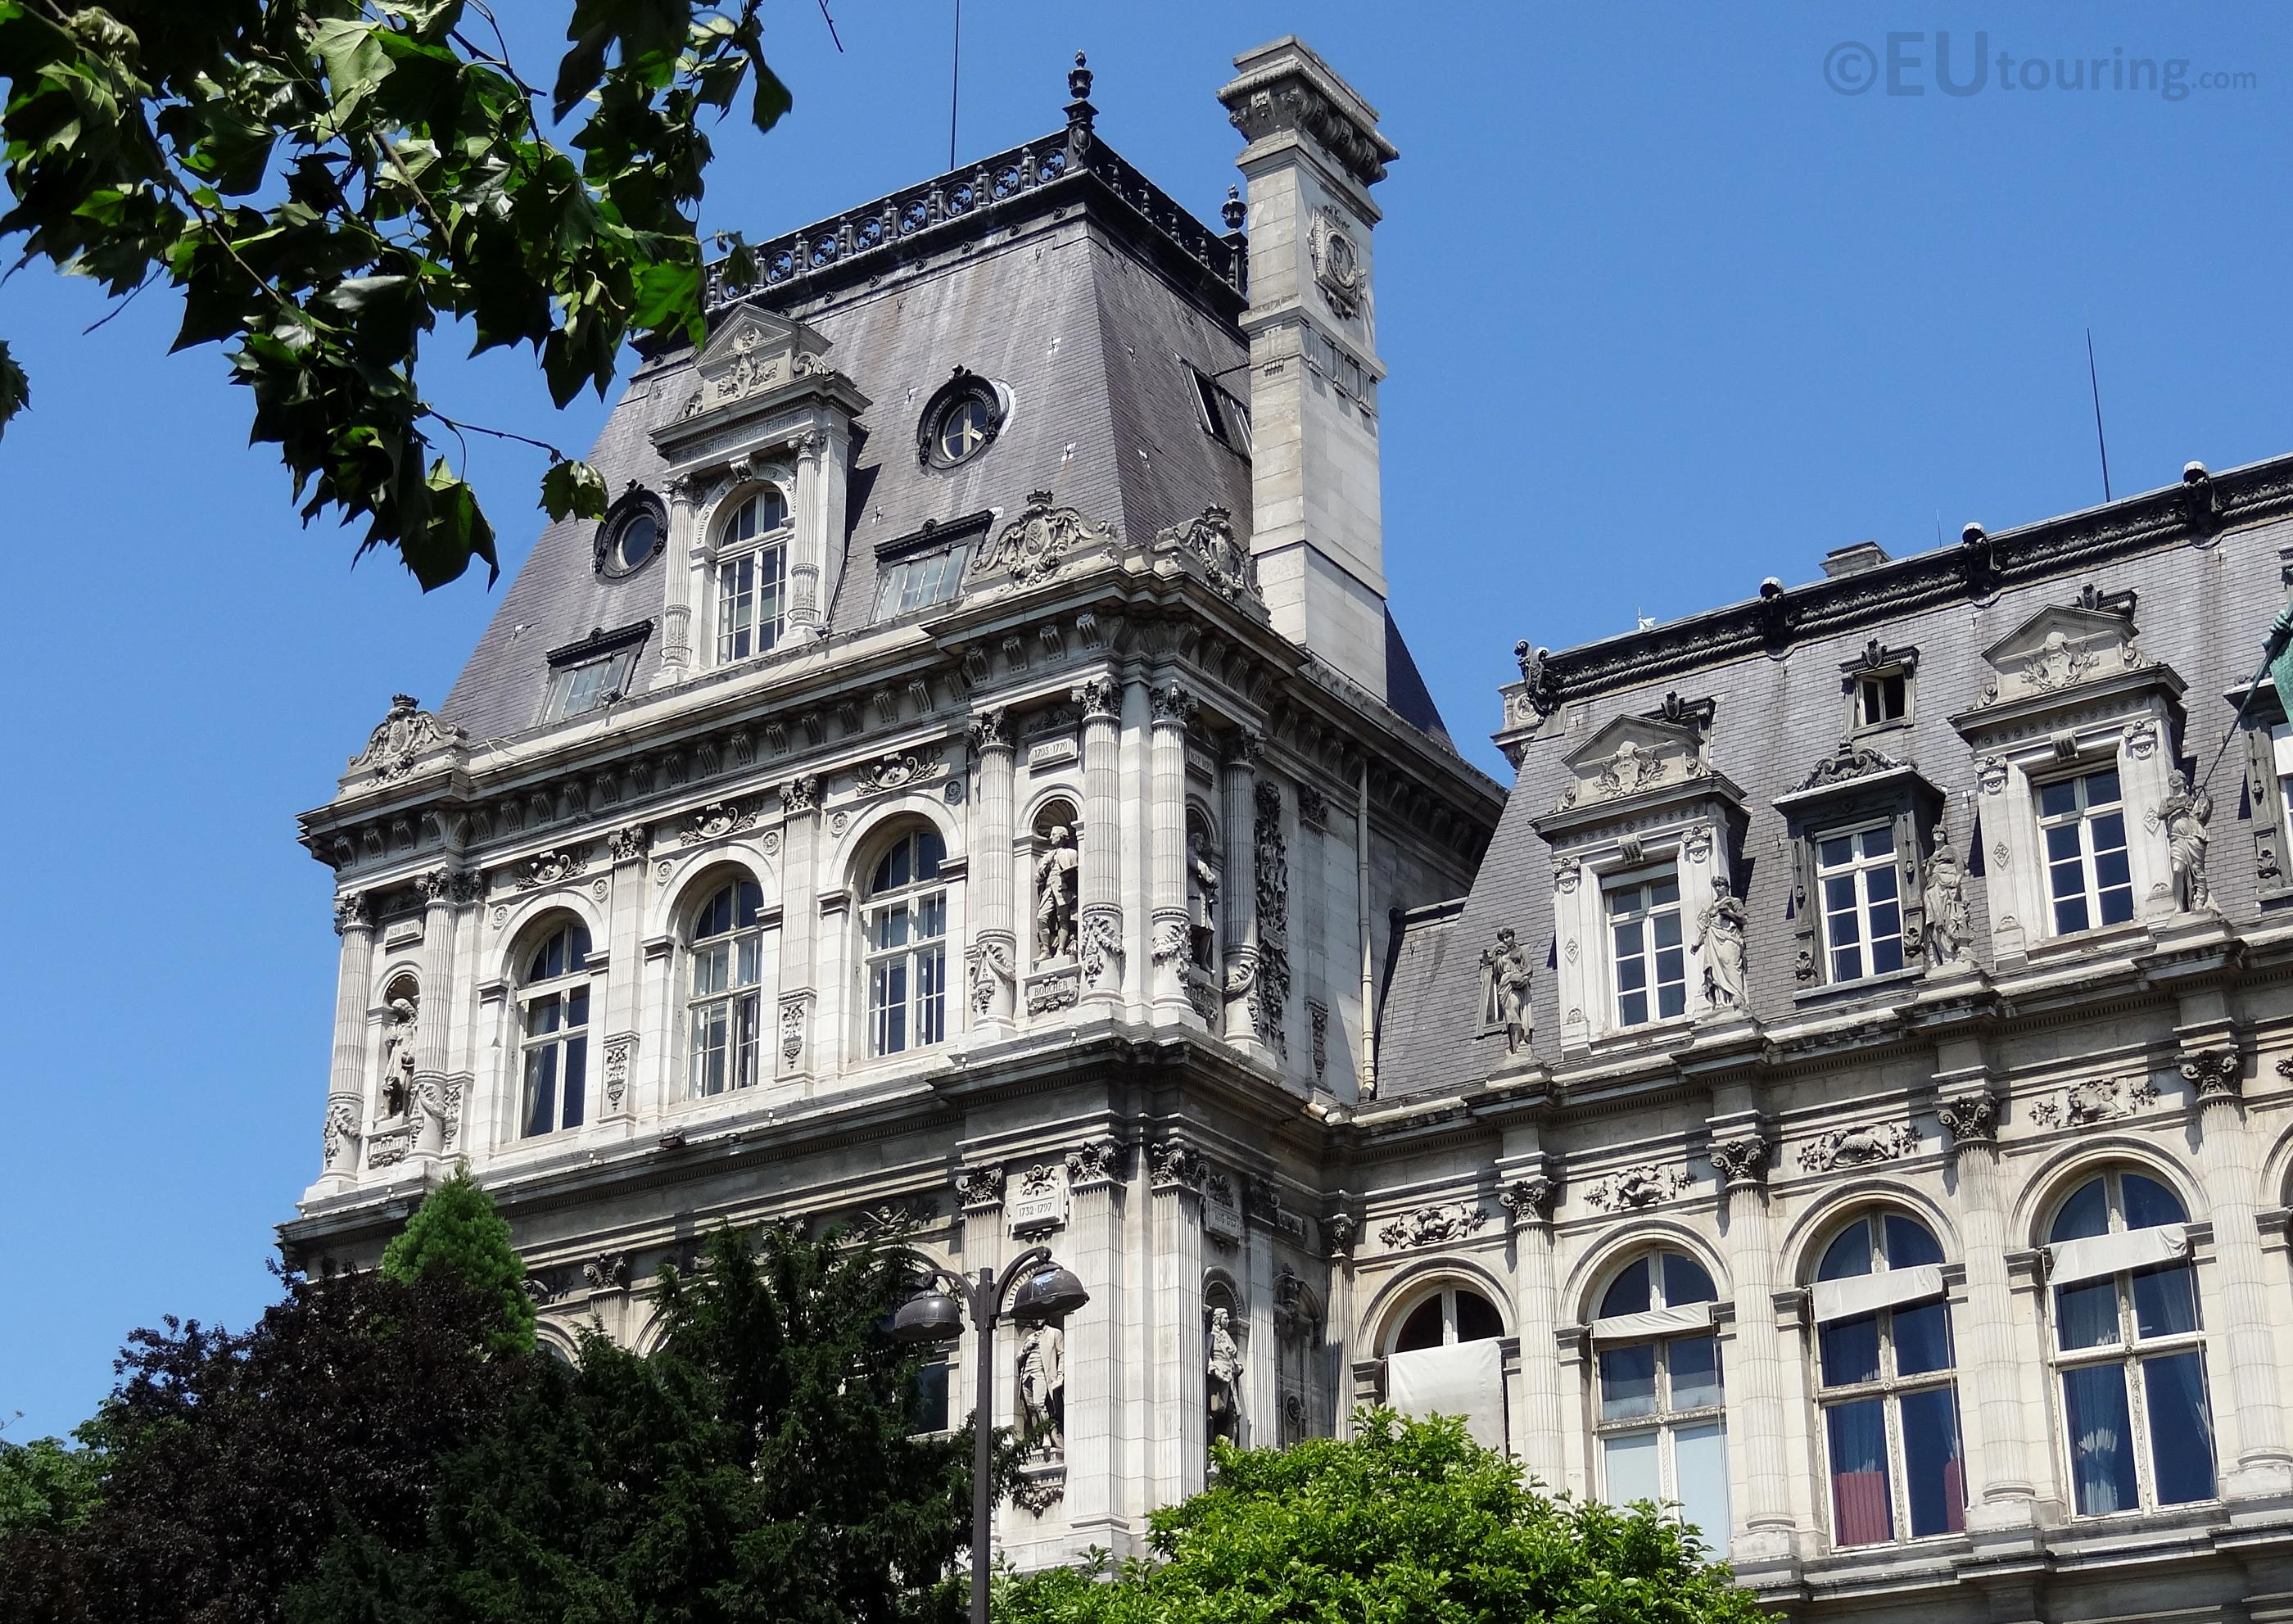 Corner of Hotel de Ville